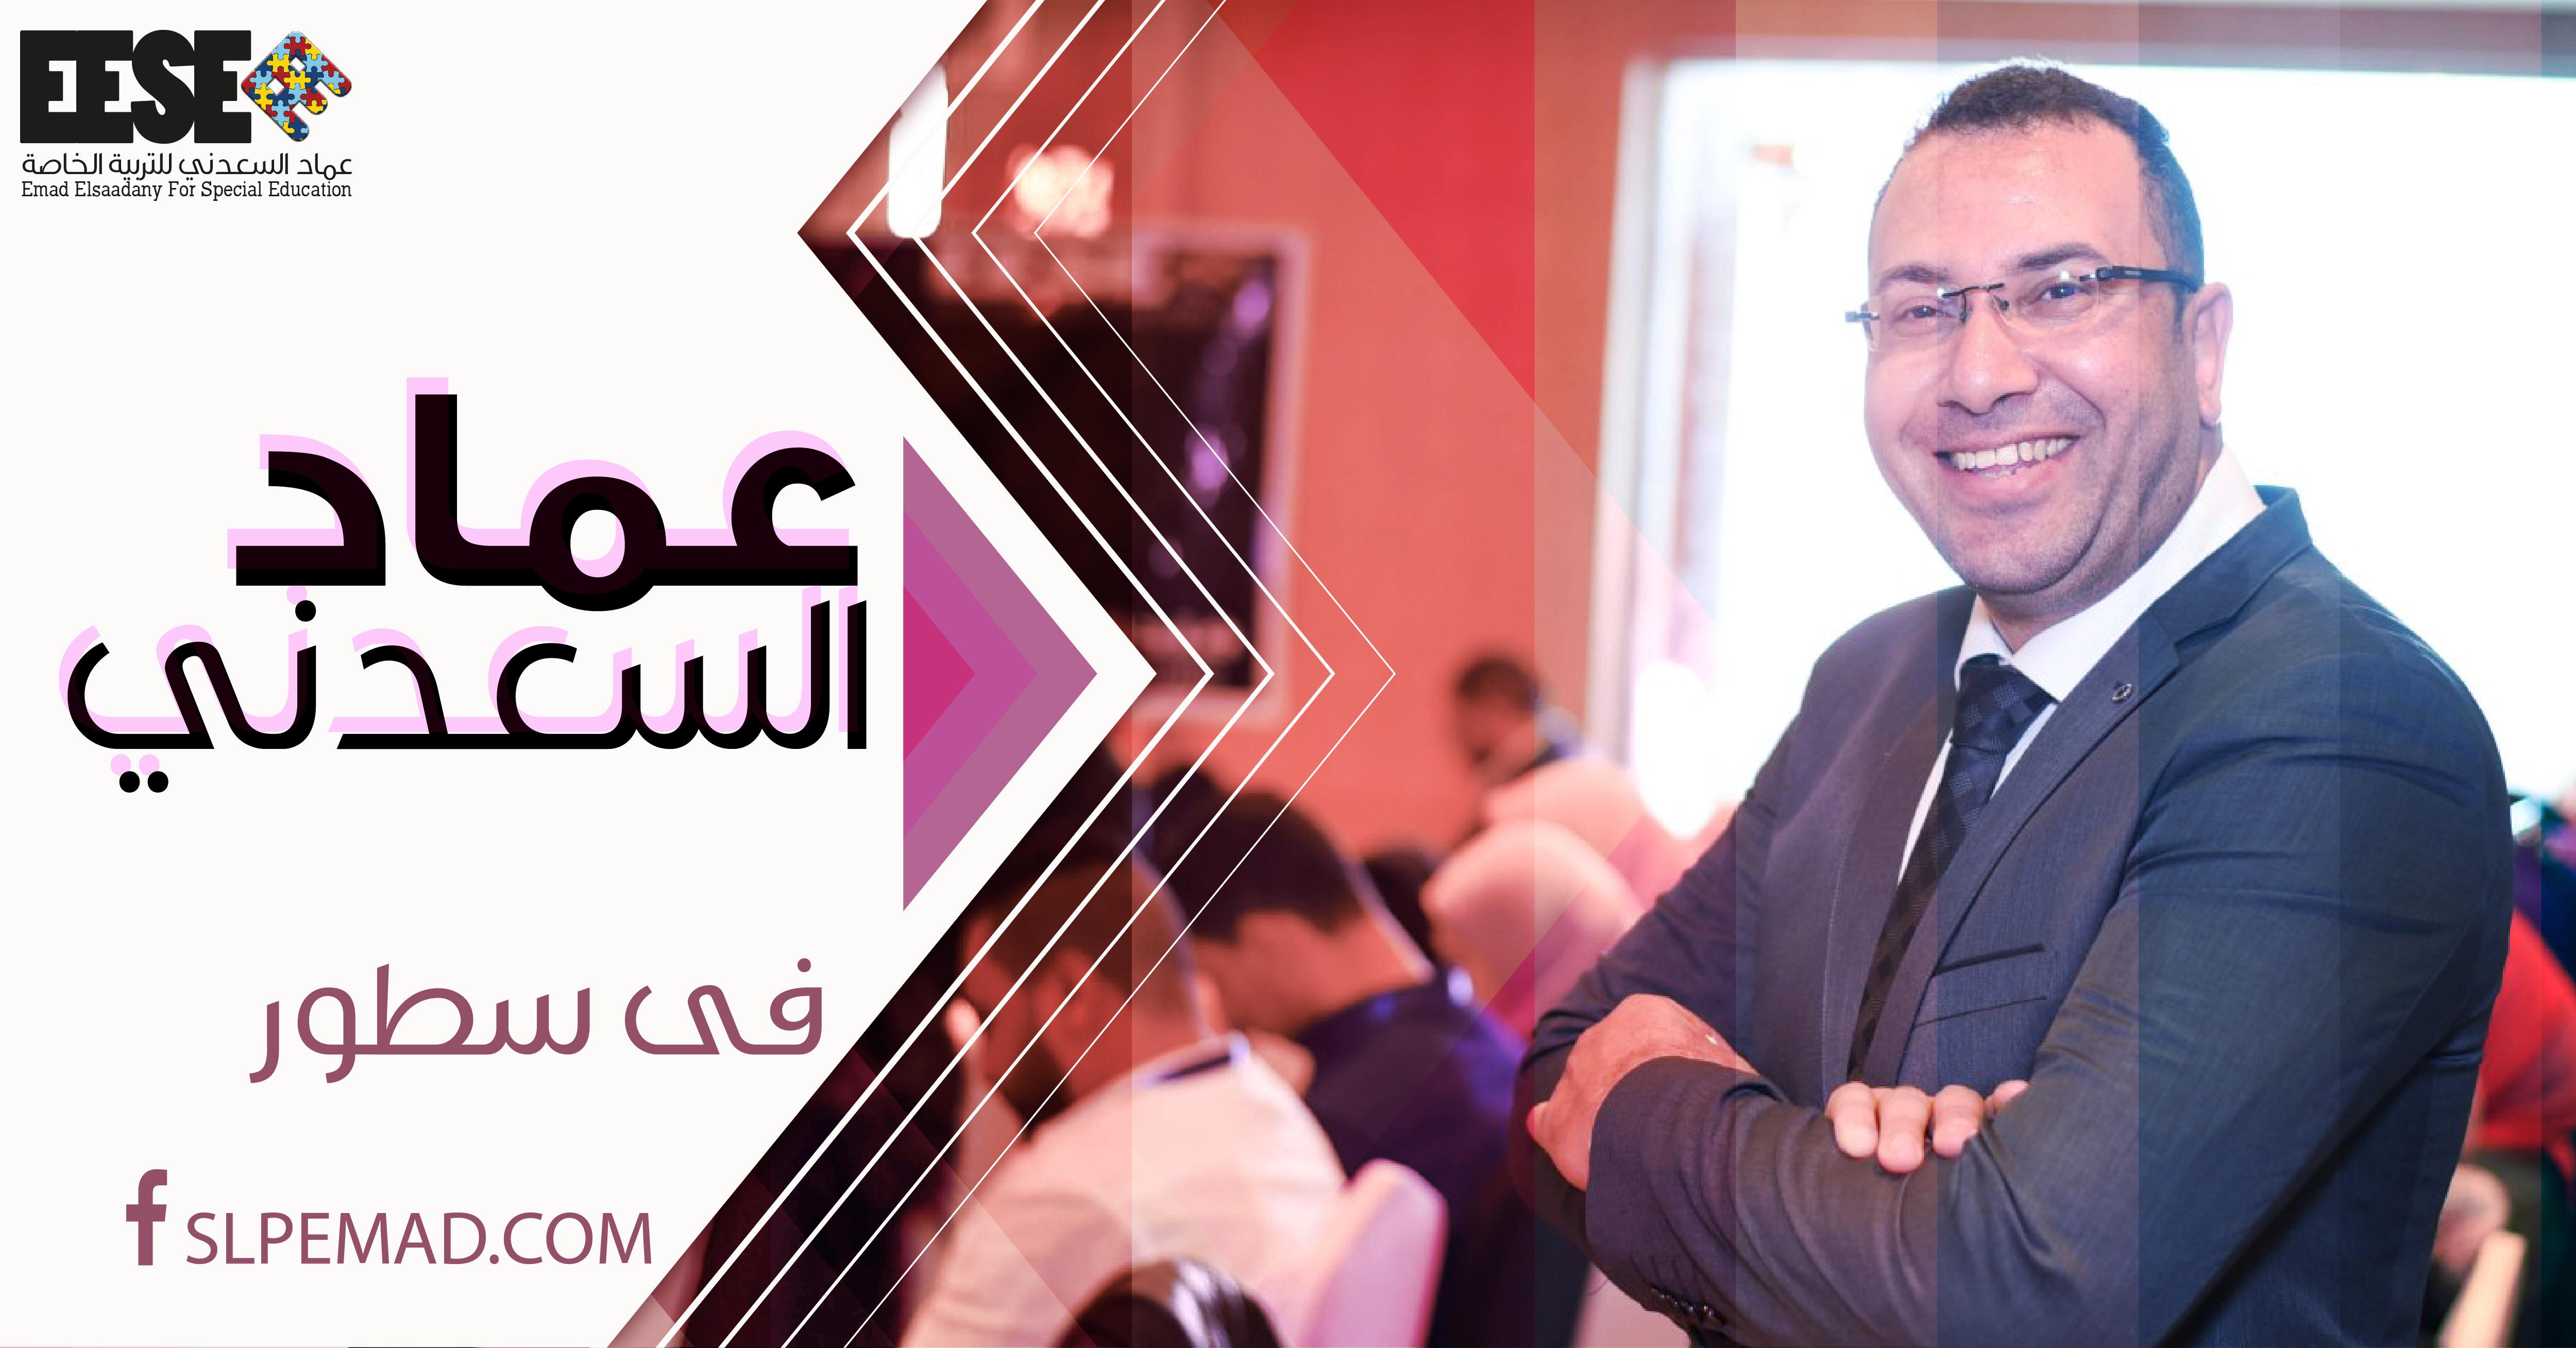 عماد السعدني في سطور